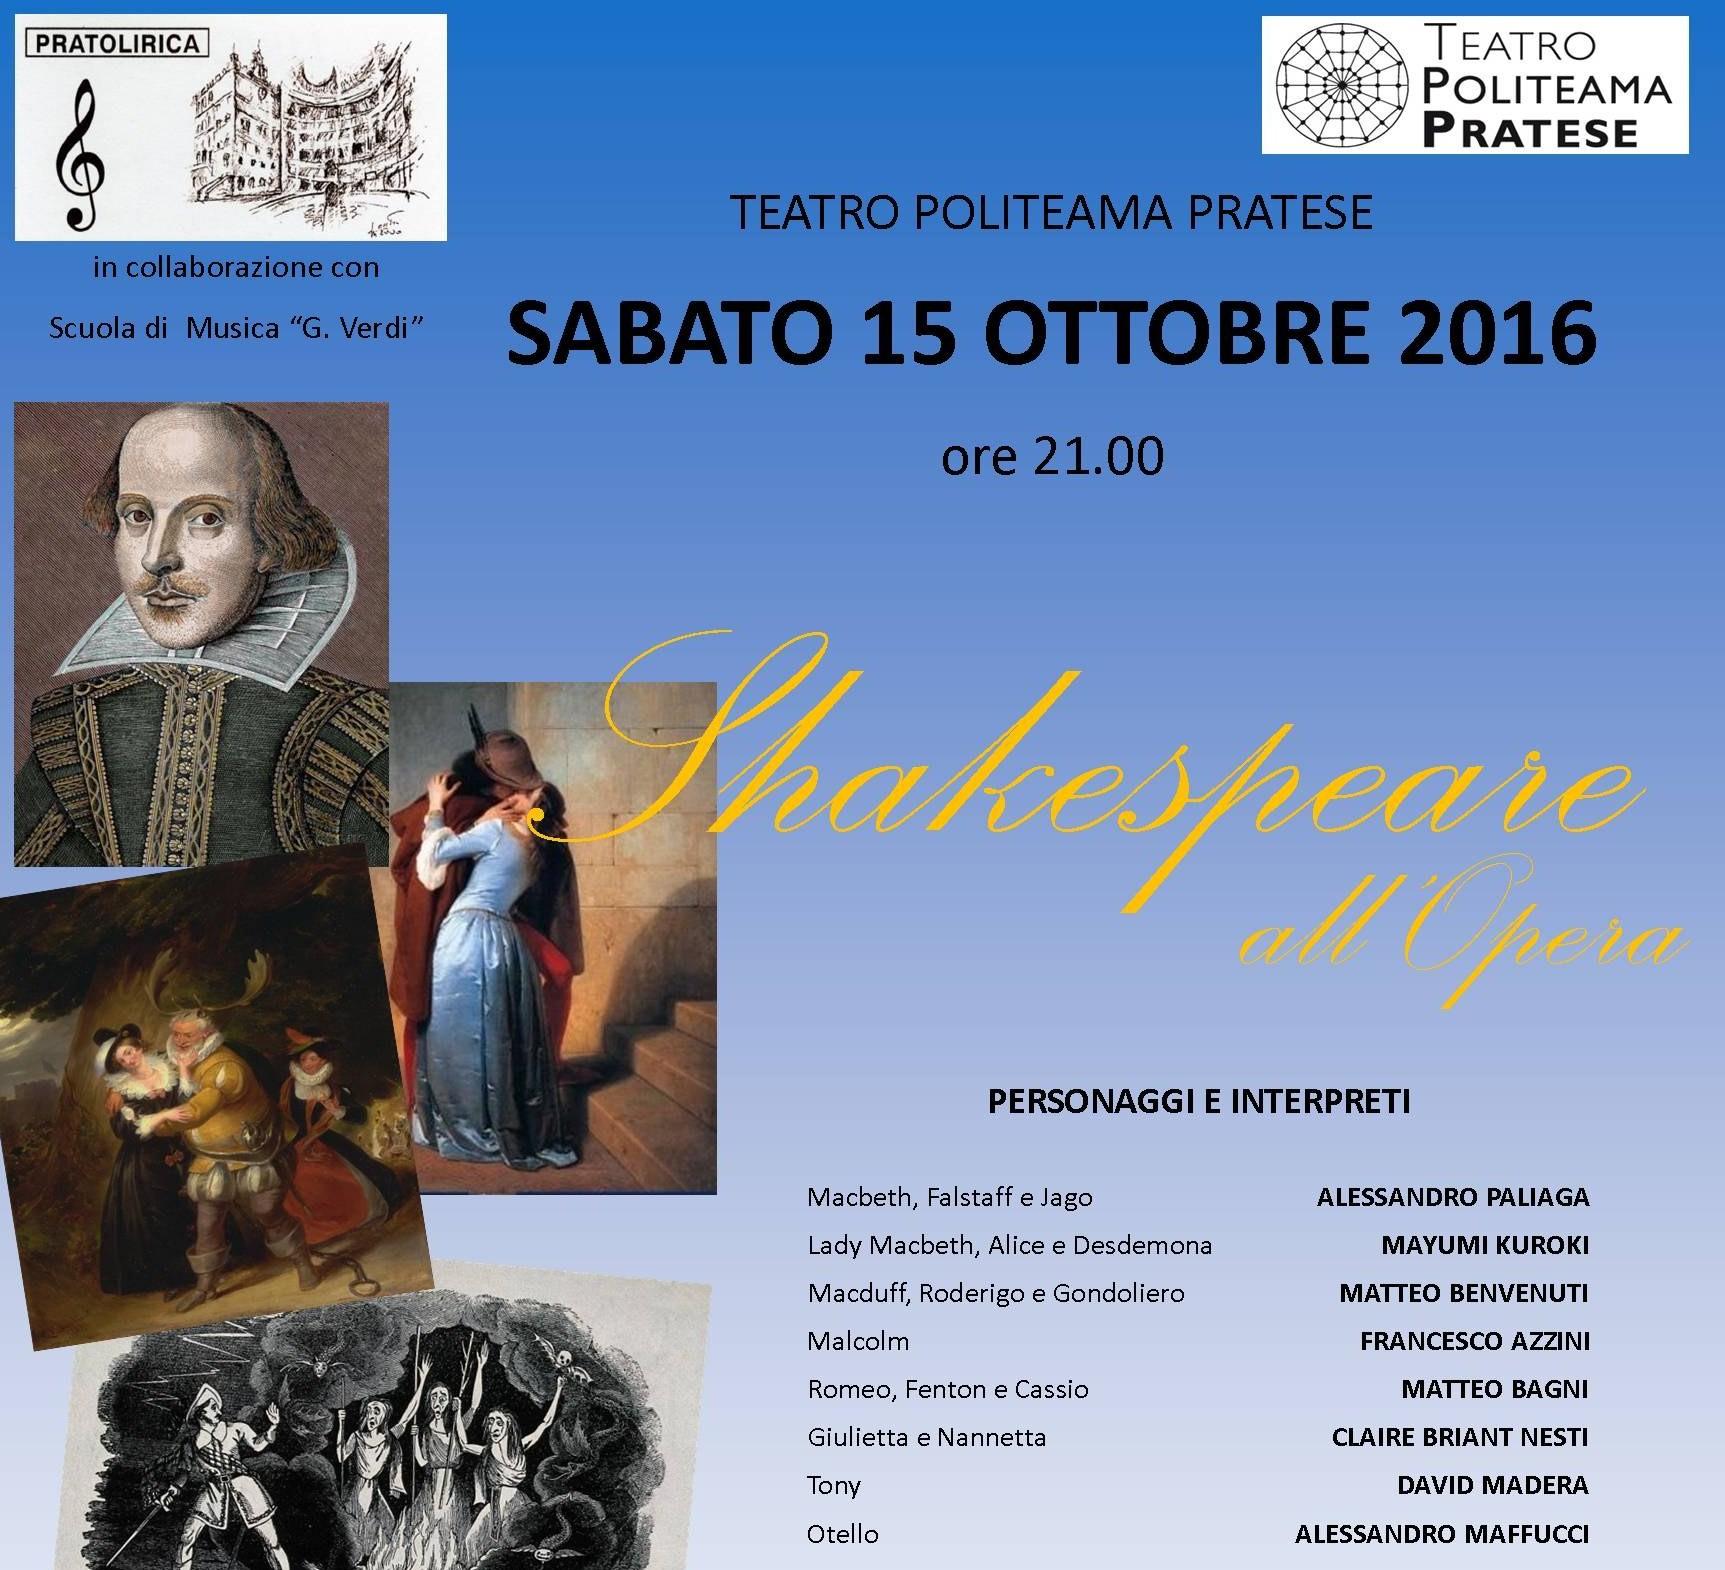 Teatro Politeama Prttcloud